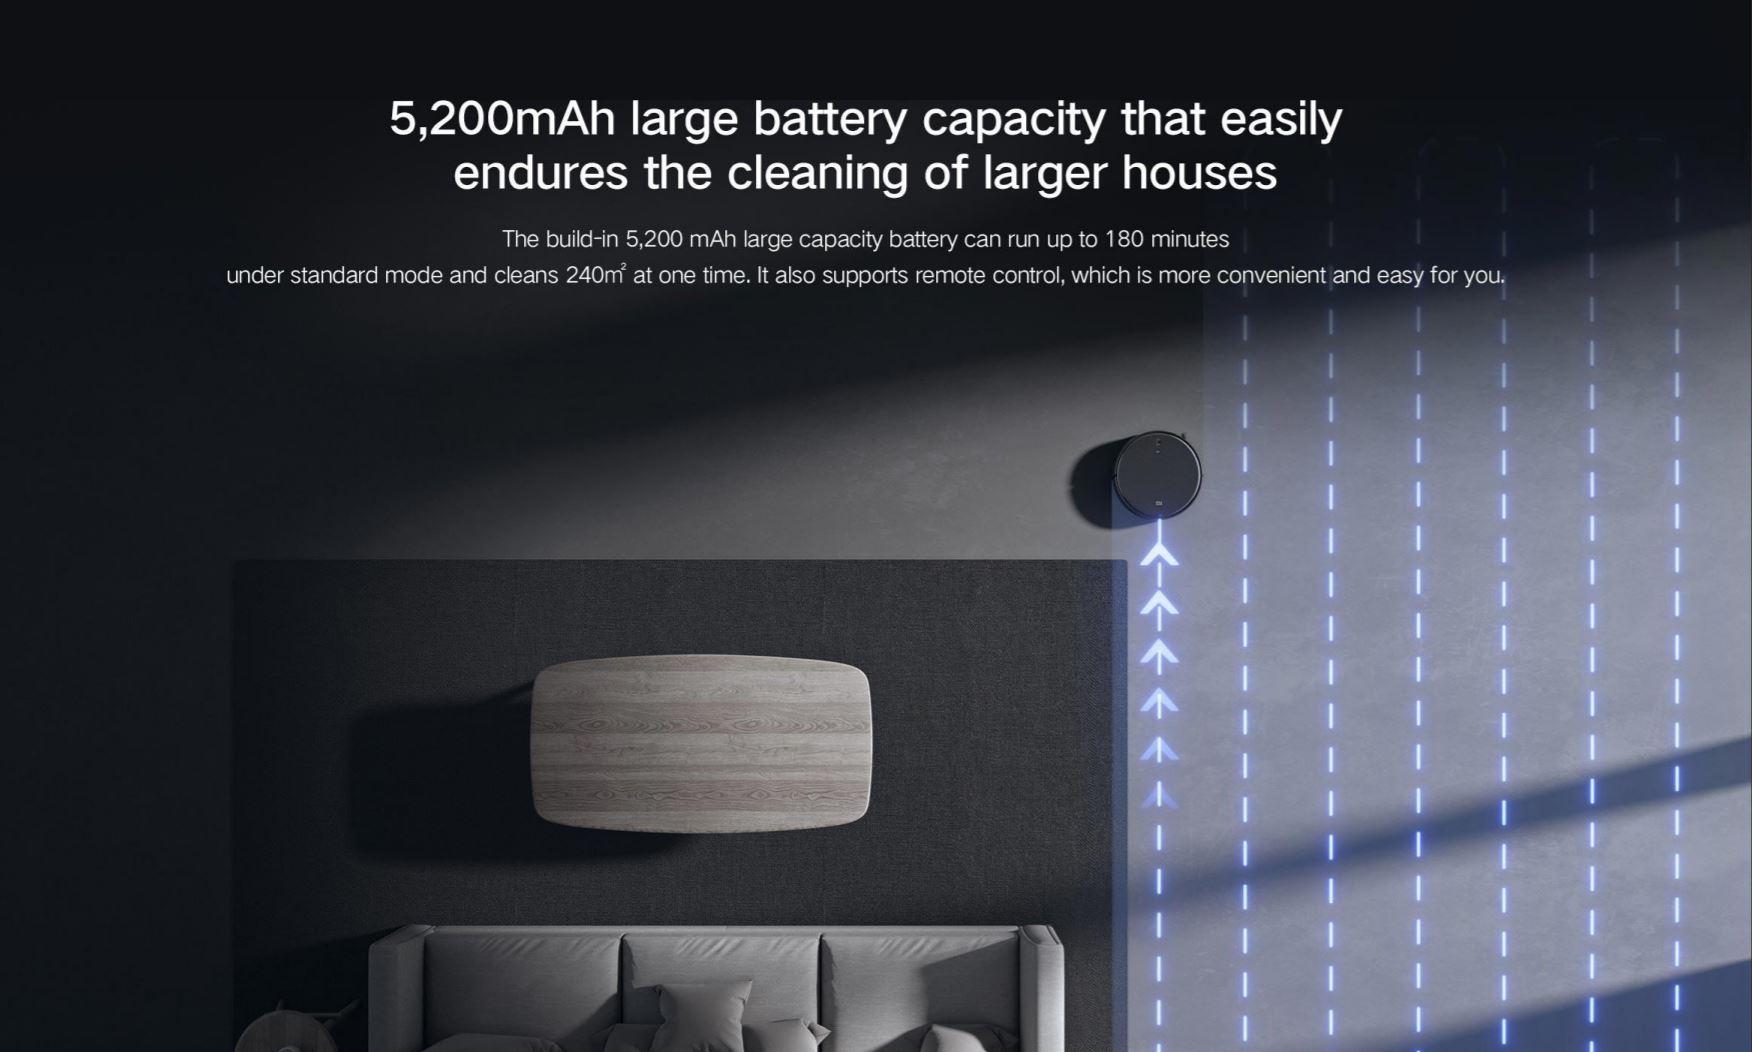 Xiaomi Mi Robot Vacuum Mop 2 Pro + w rewelacyjnej promocji na Aliexpress - pojemna bateria